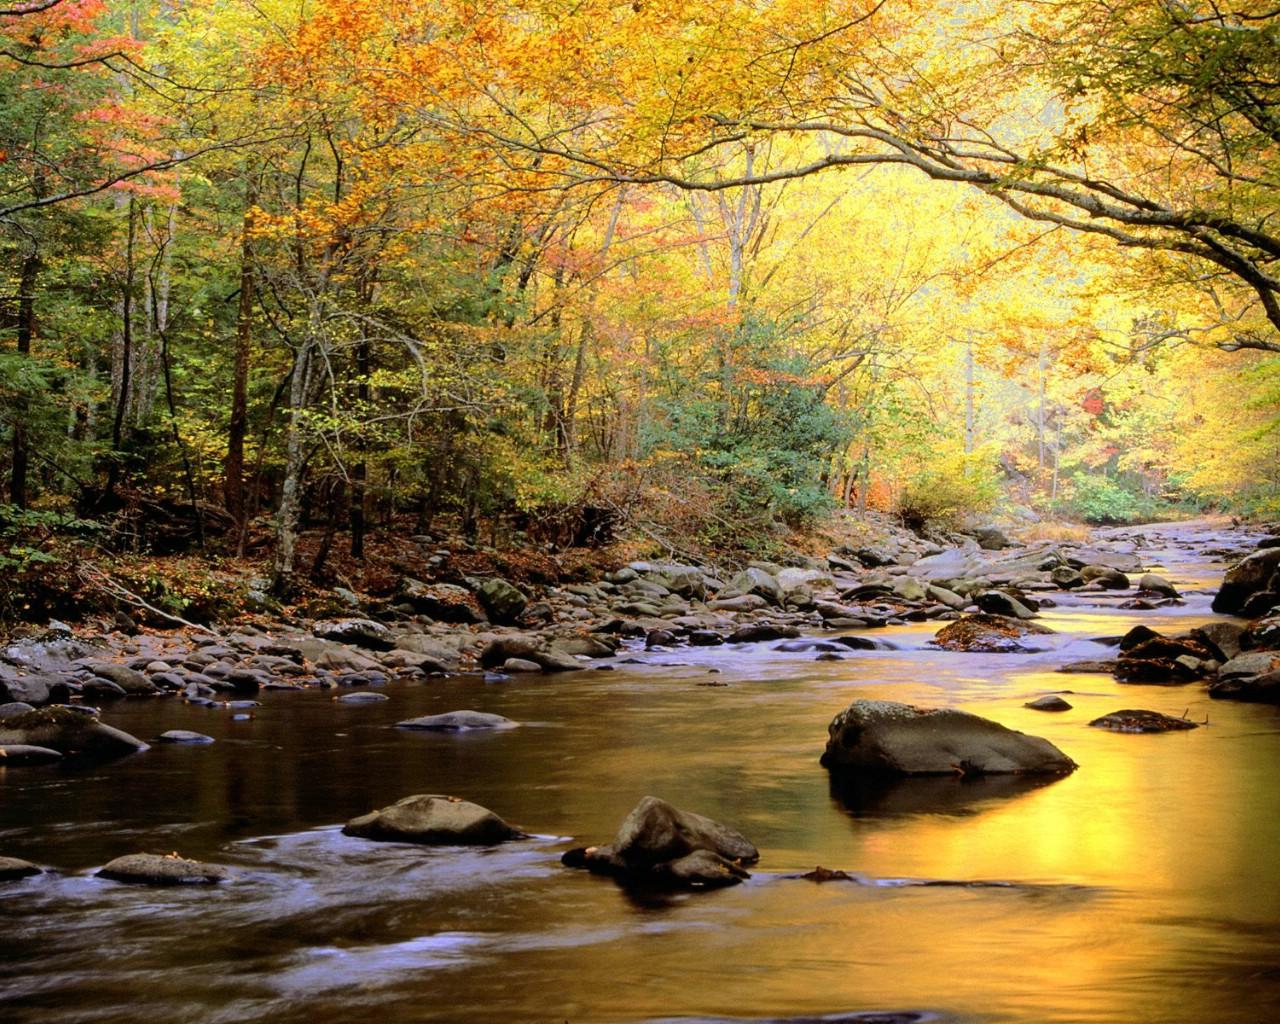 壁纸1280×1024溪流 河流壁纸 壁纸5壁纸 溪流 河流壁纸